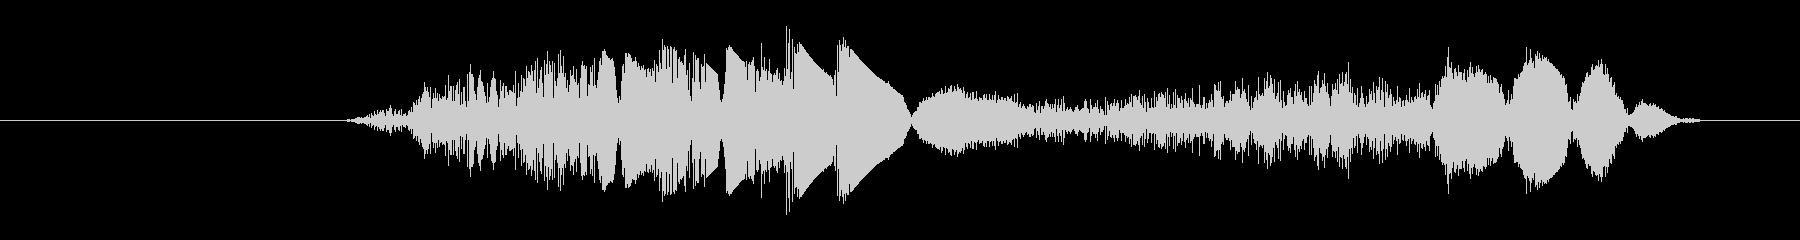 打撃 グリッチ01の未再生の波形